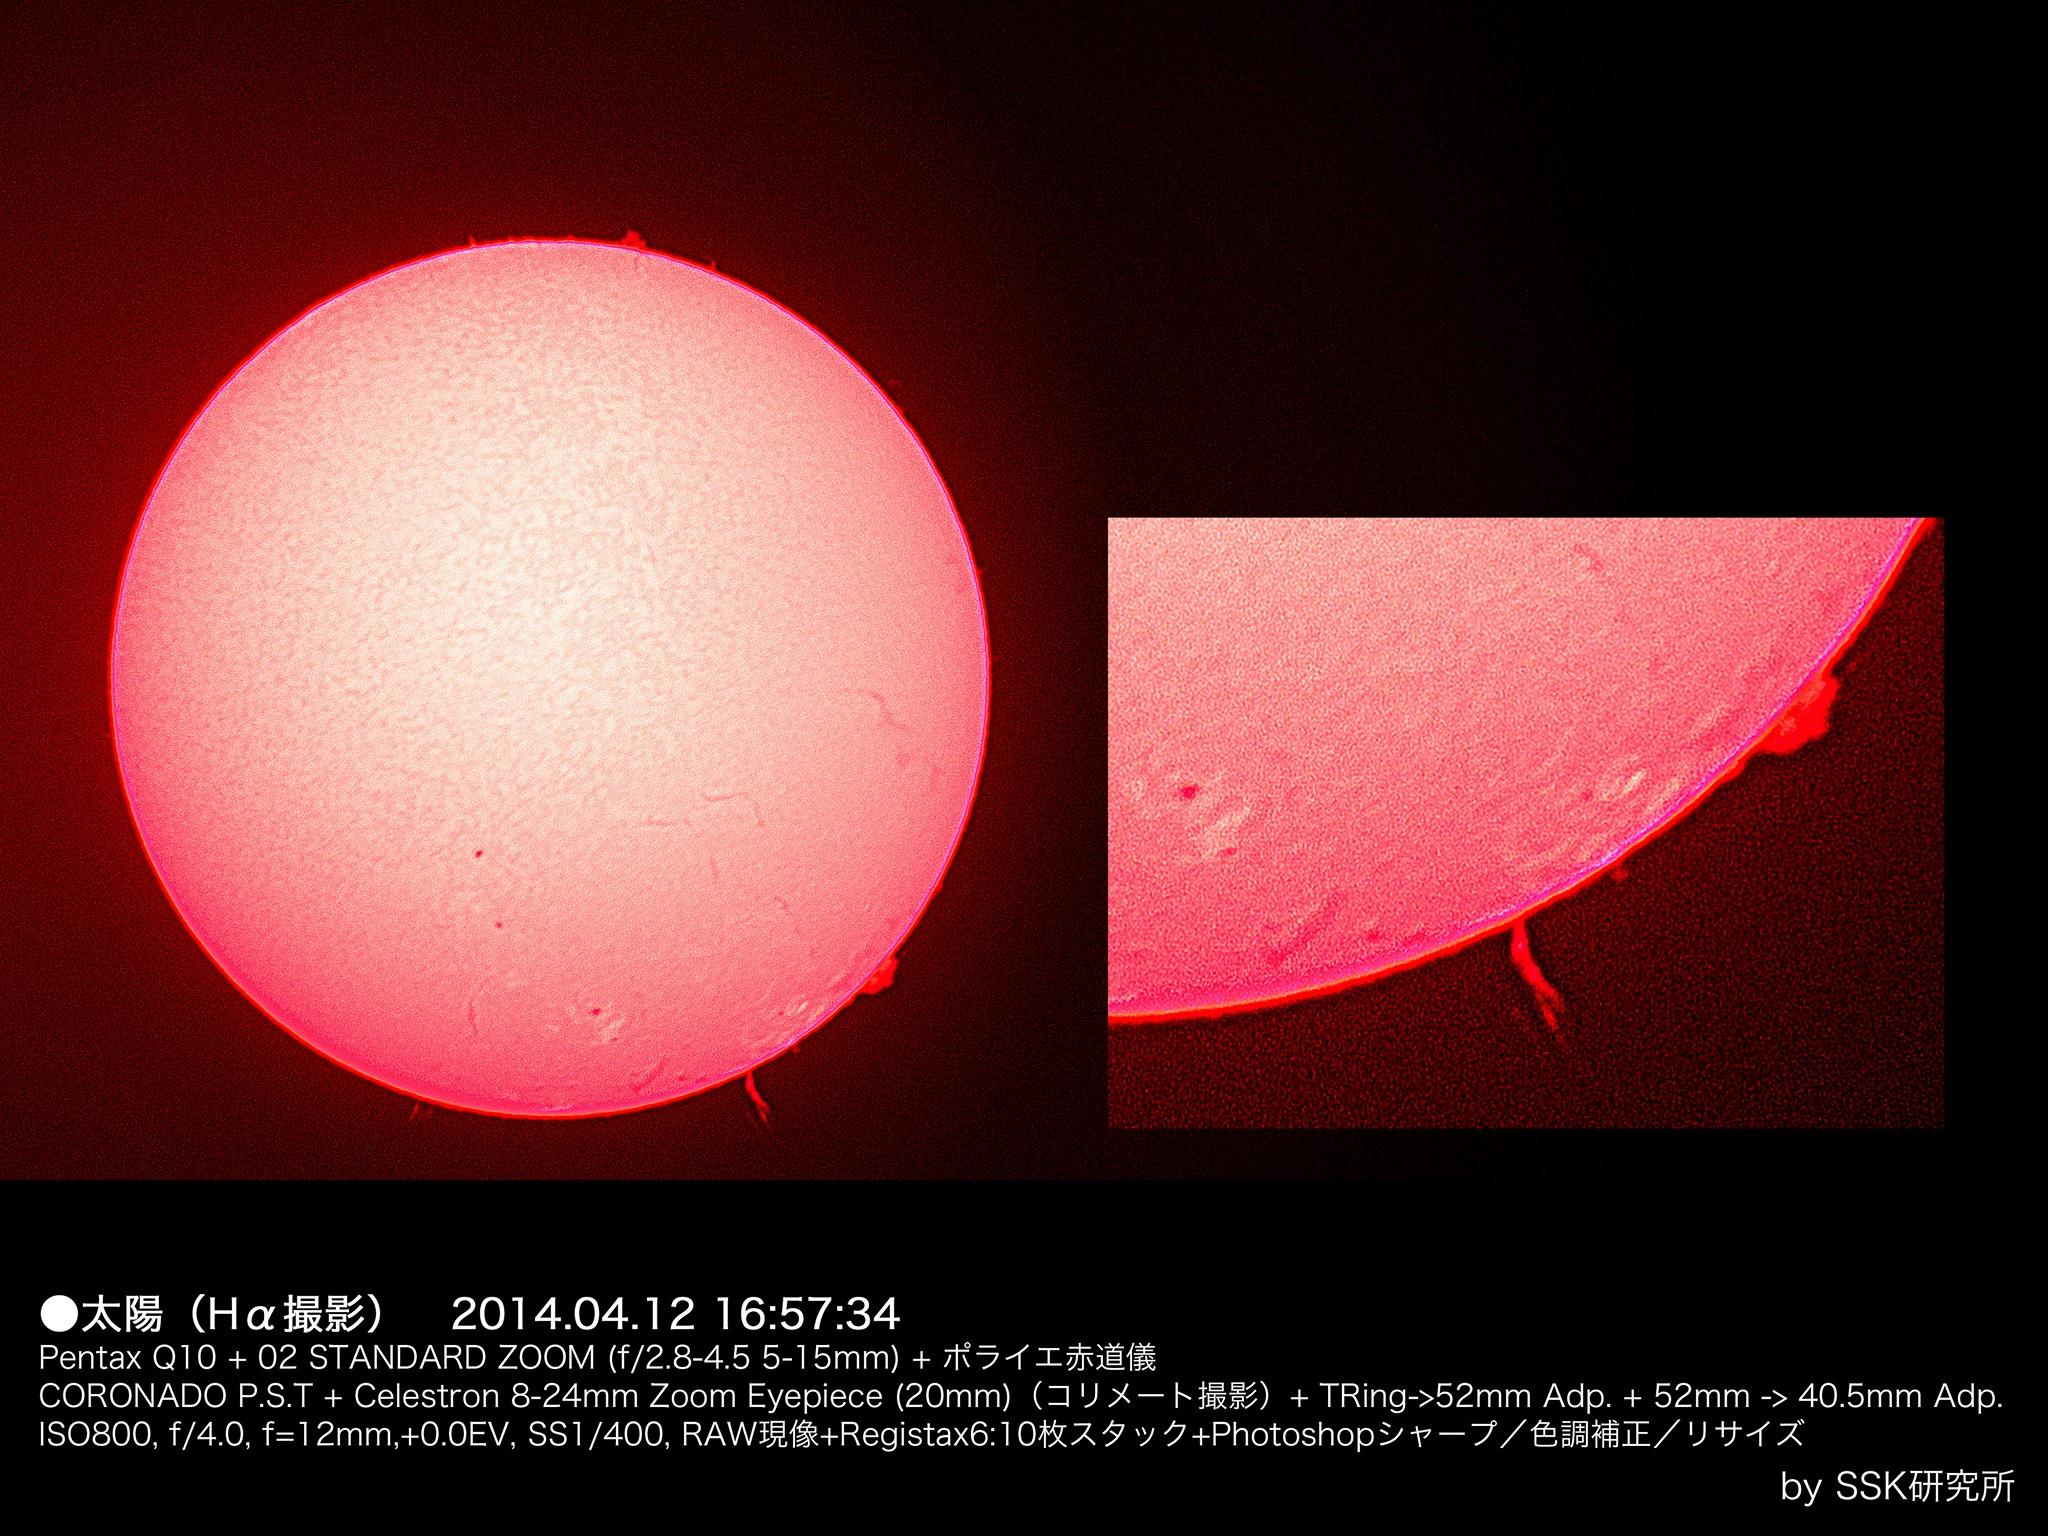 太陽(Hα撮影)